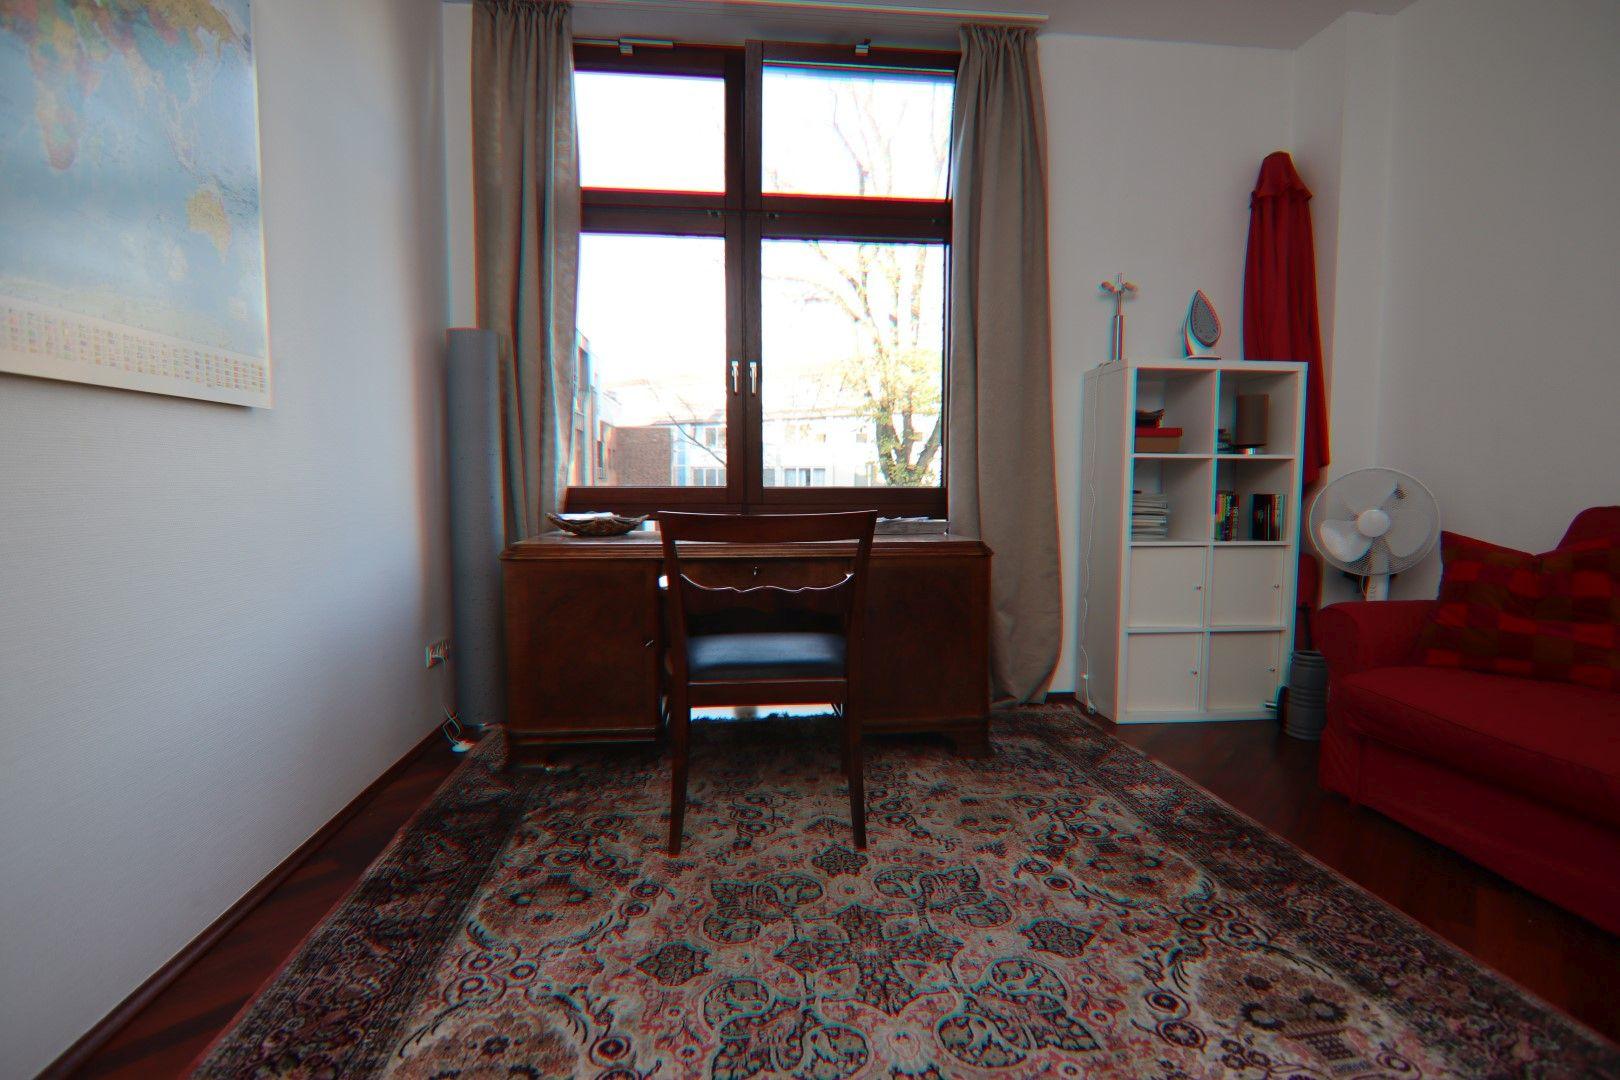 Immobilie Nr.0275 - 4-Raum-Deluxe-Wohnung mit Aufzug, Dachterrasse u. Garage - Bild 13.jpg